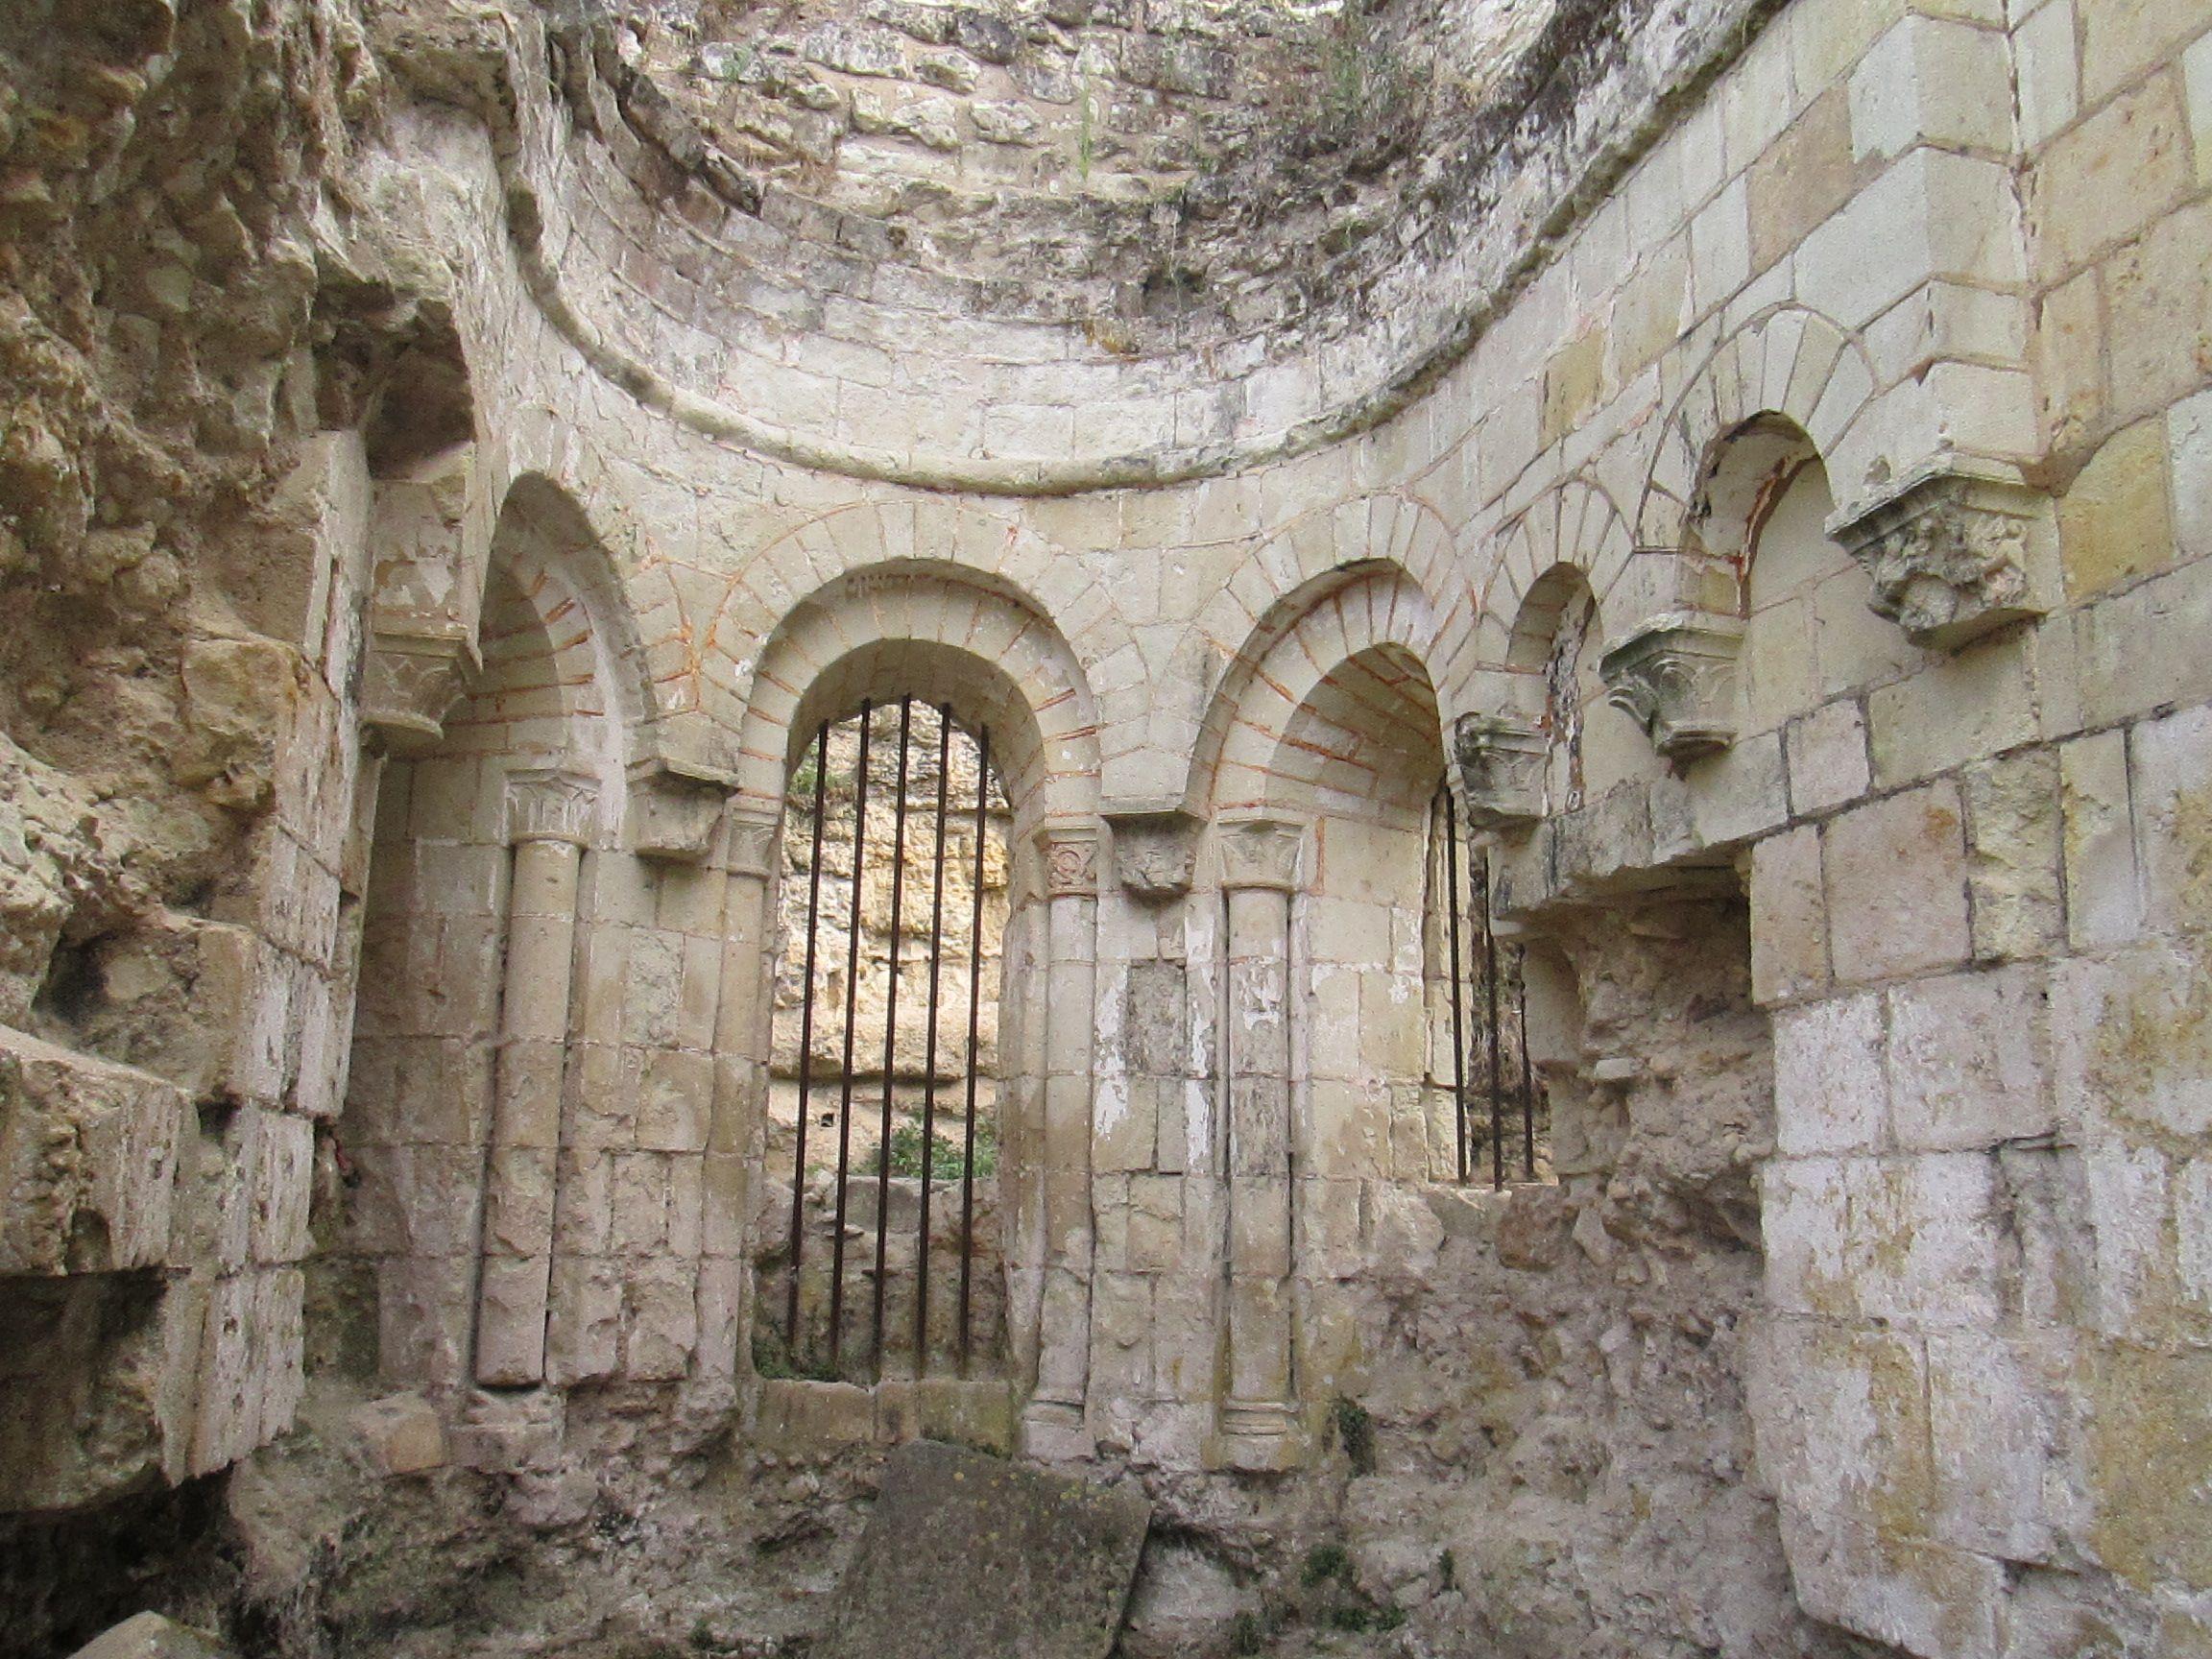 Montreuil-Bellay: l'église paroissiale SAINT-PIERRE: 1) La 1° église Saint-Pierre, mentionnée au XI°s, a été reconstruite vers 1140-1150, puis restaurée et agrandie au XV°s après l'écroulement du clocher et enfin consacrée en 1485, date à laquelle elle devient également prieurale. Incendiée pendant les guerres de religion, l'église finit par être abandonnée et partiellement détruite en 1850.